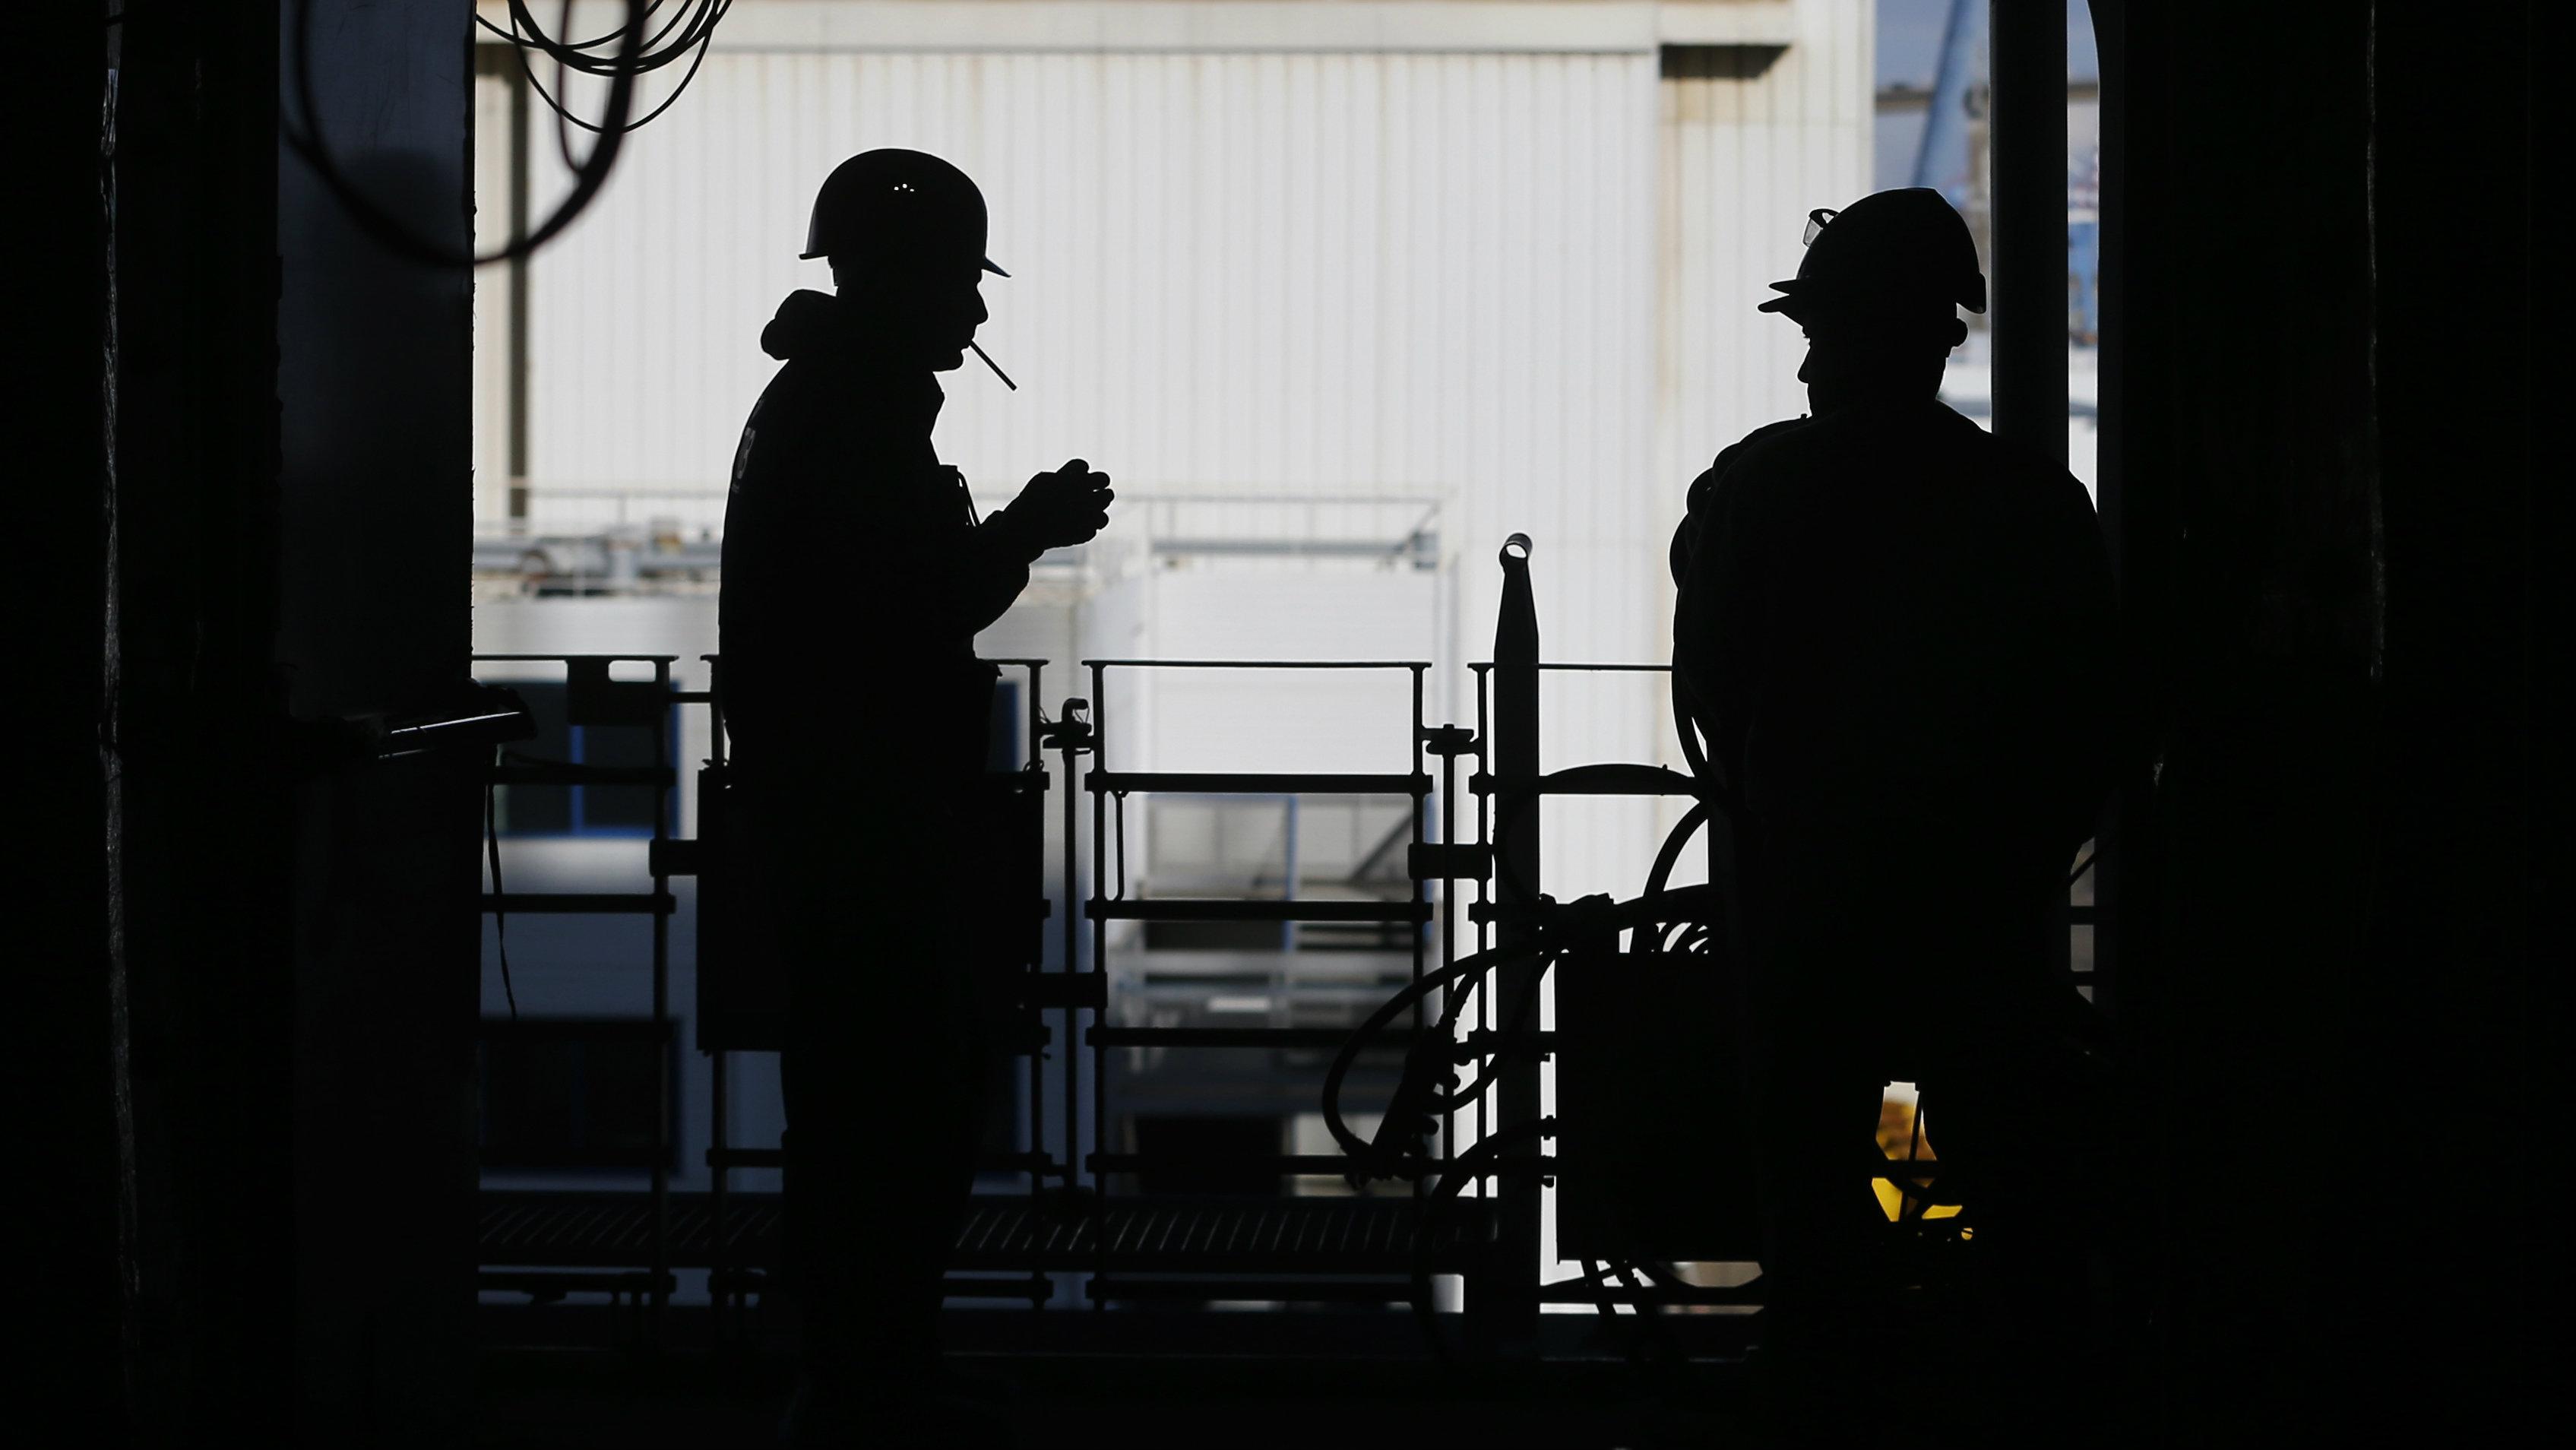 Shipbuilders take a break at a shipyard.